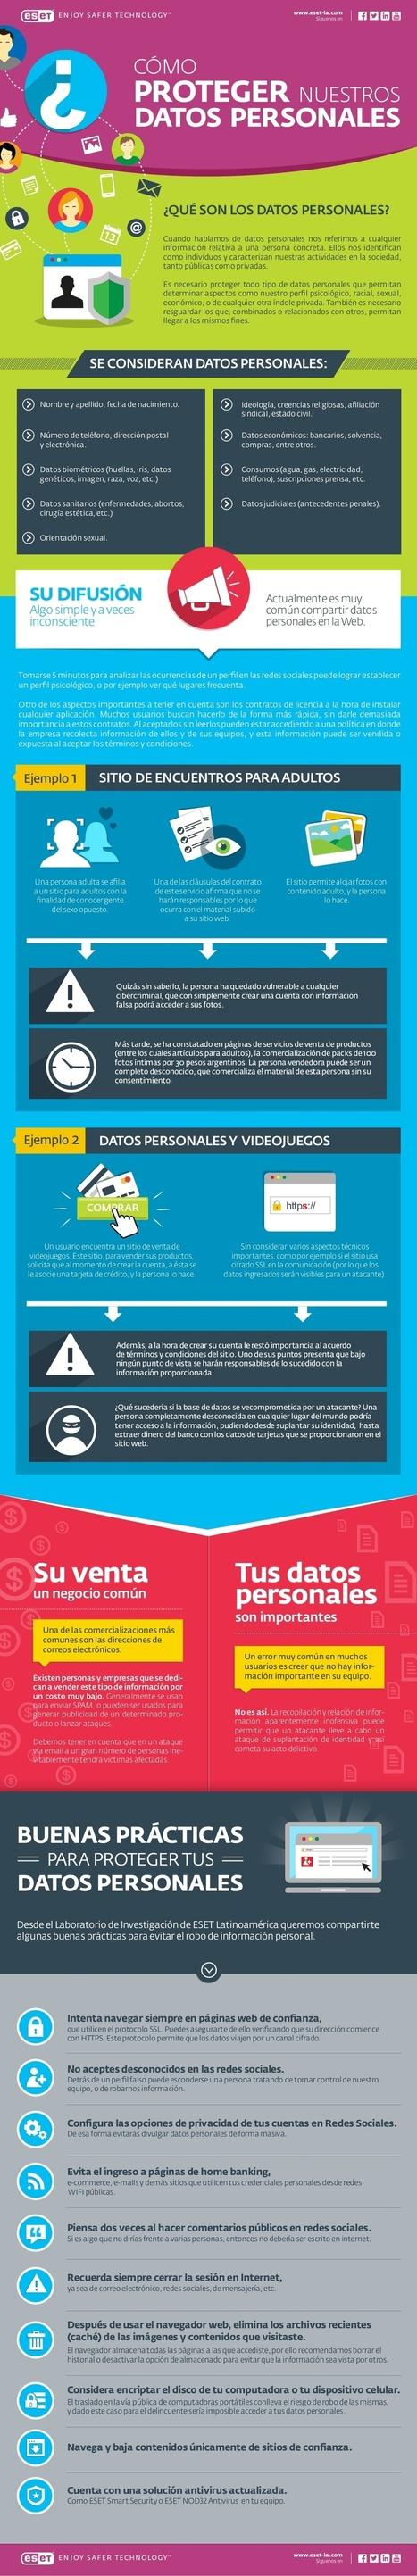 Cómo proteger nuestros datos personales | Gobierno y Gestión de TI | Scoop.it